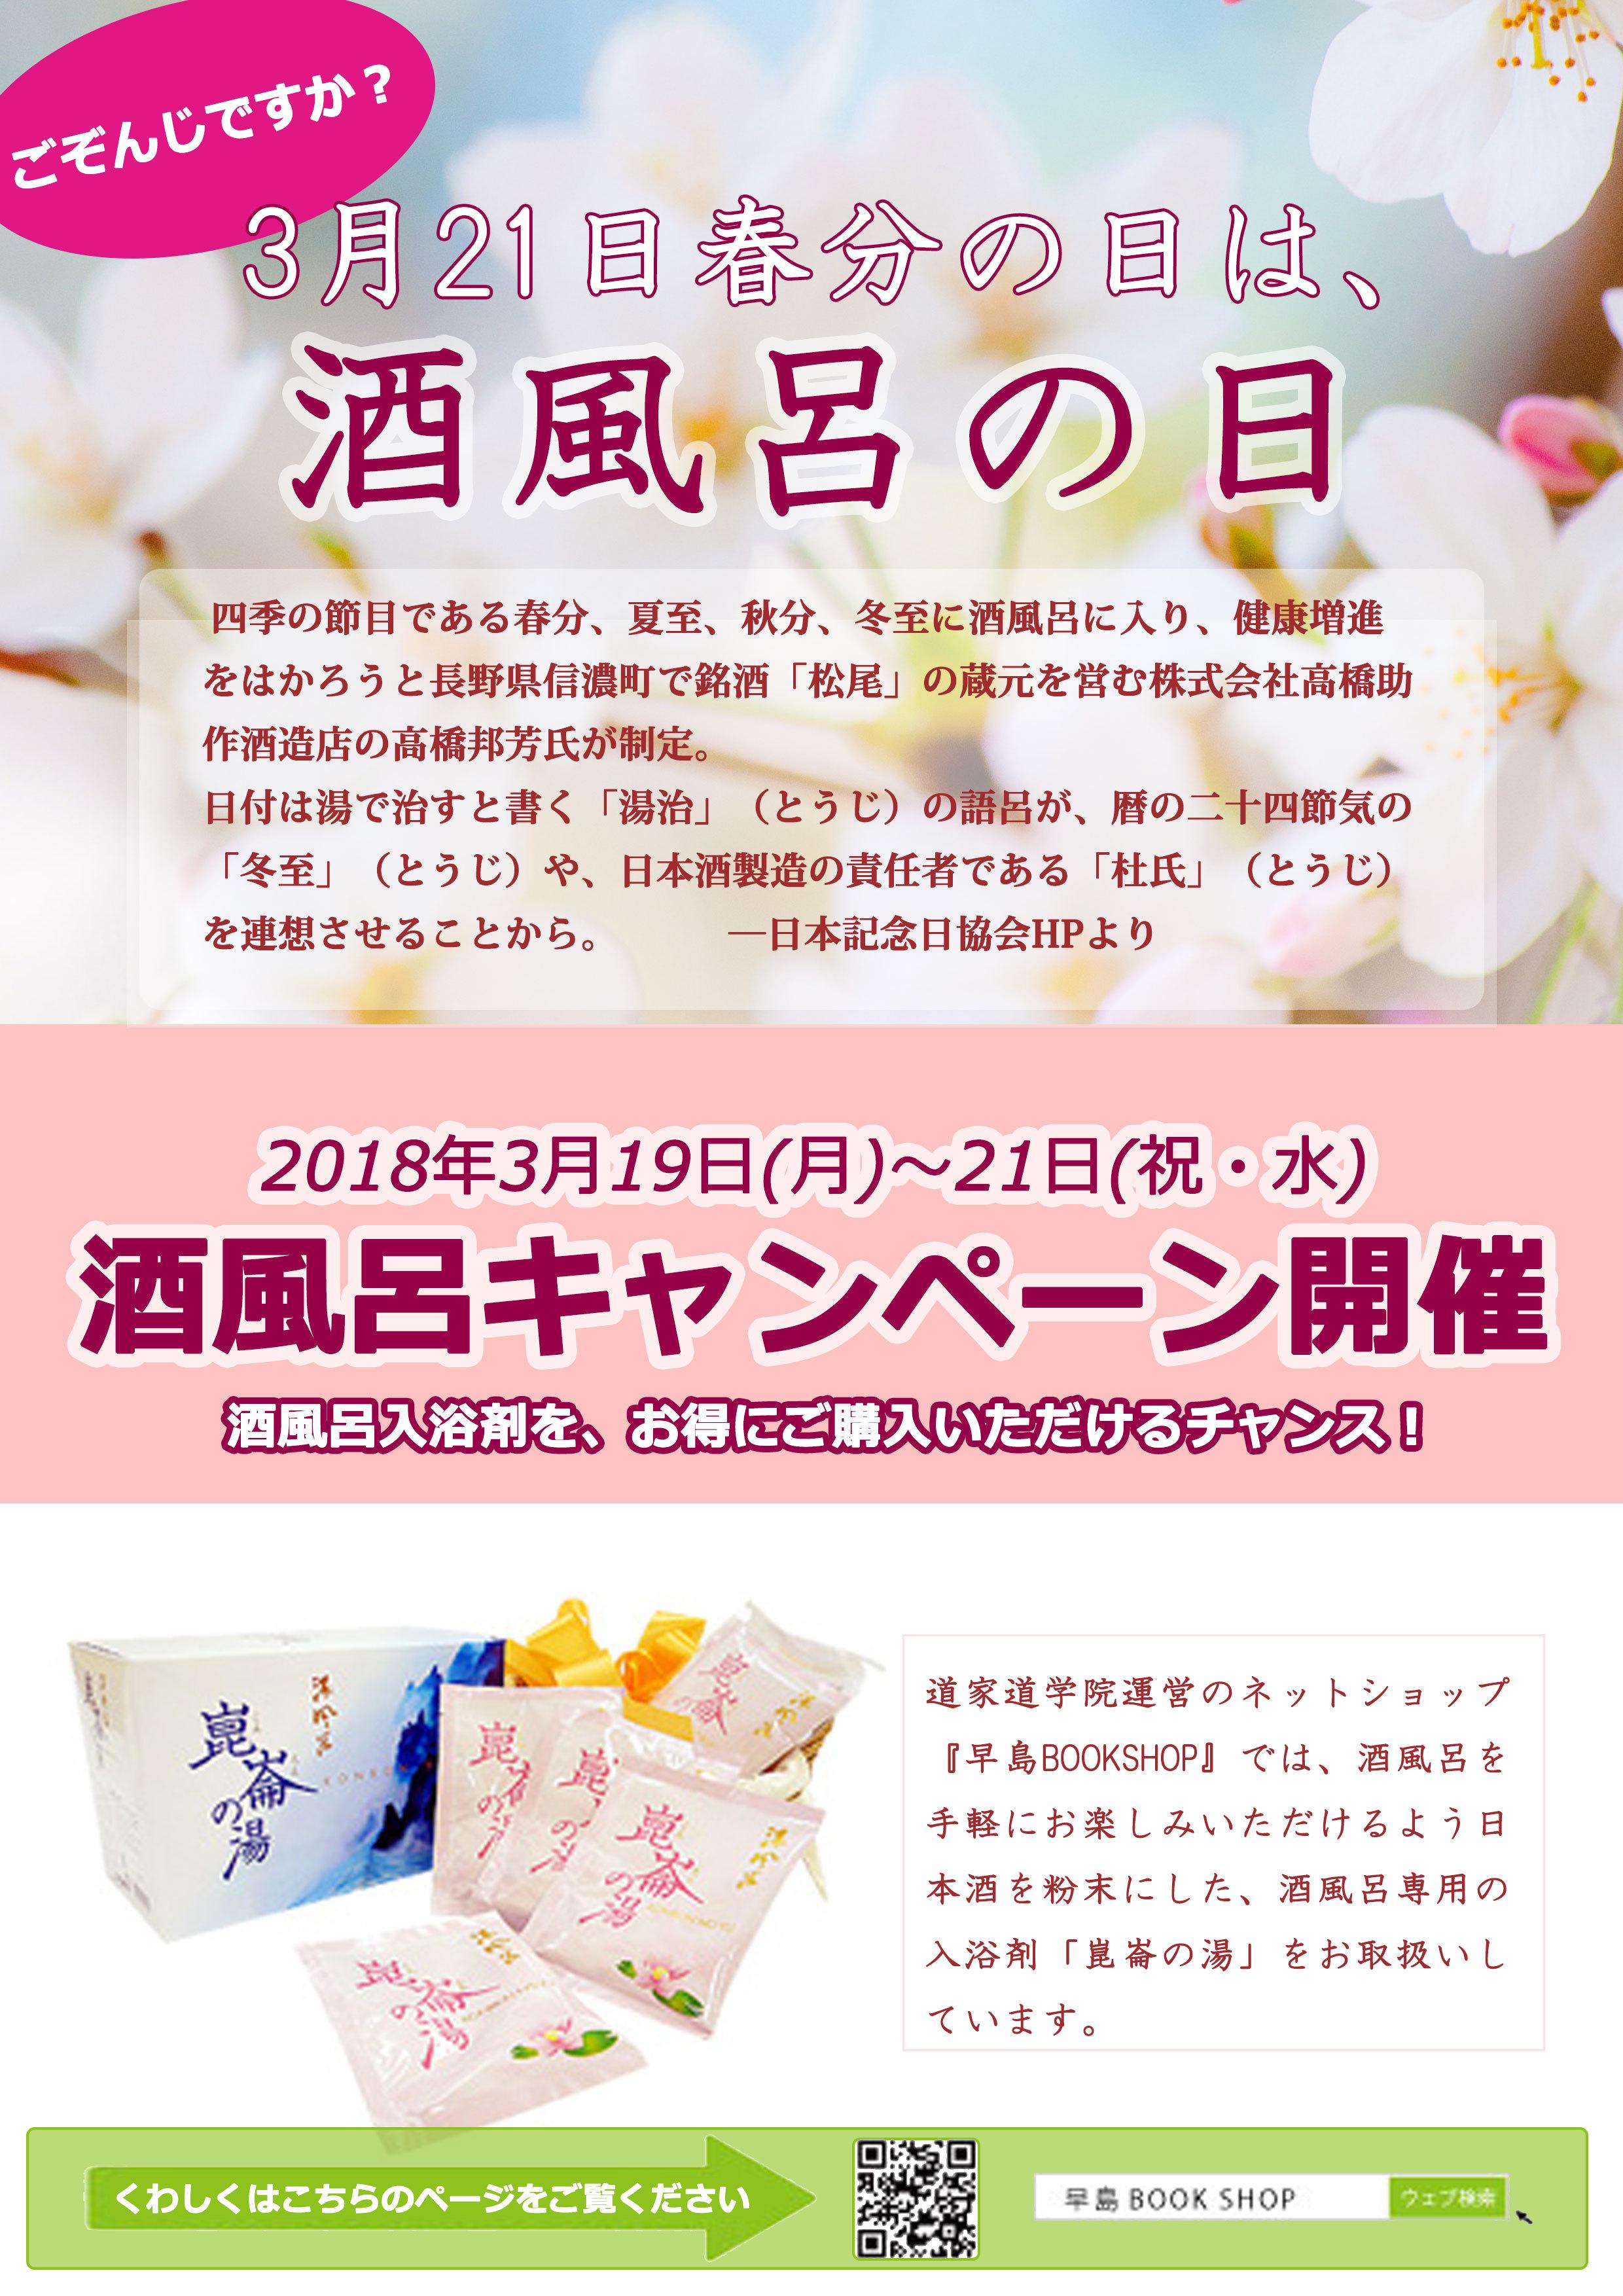 ☆春分の日は酒風呂でリフレッシュ☆ 2018年3月19日~21日 酒風呂キャンペーン開催!